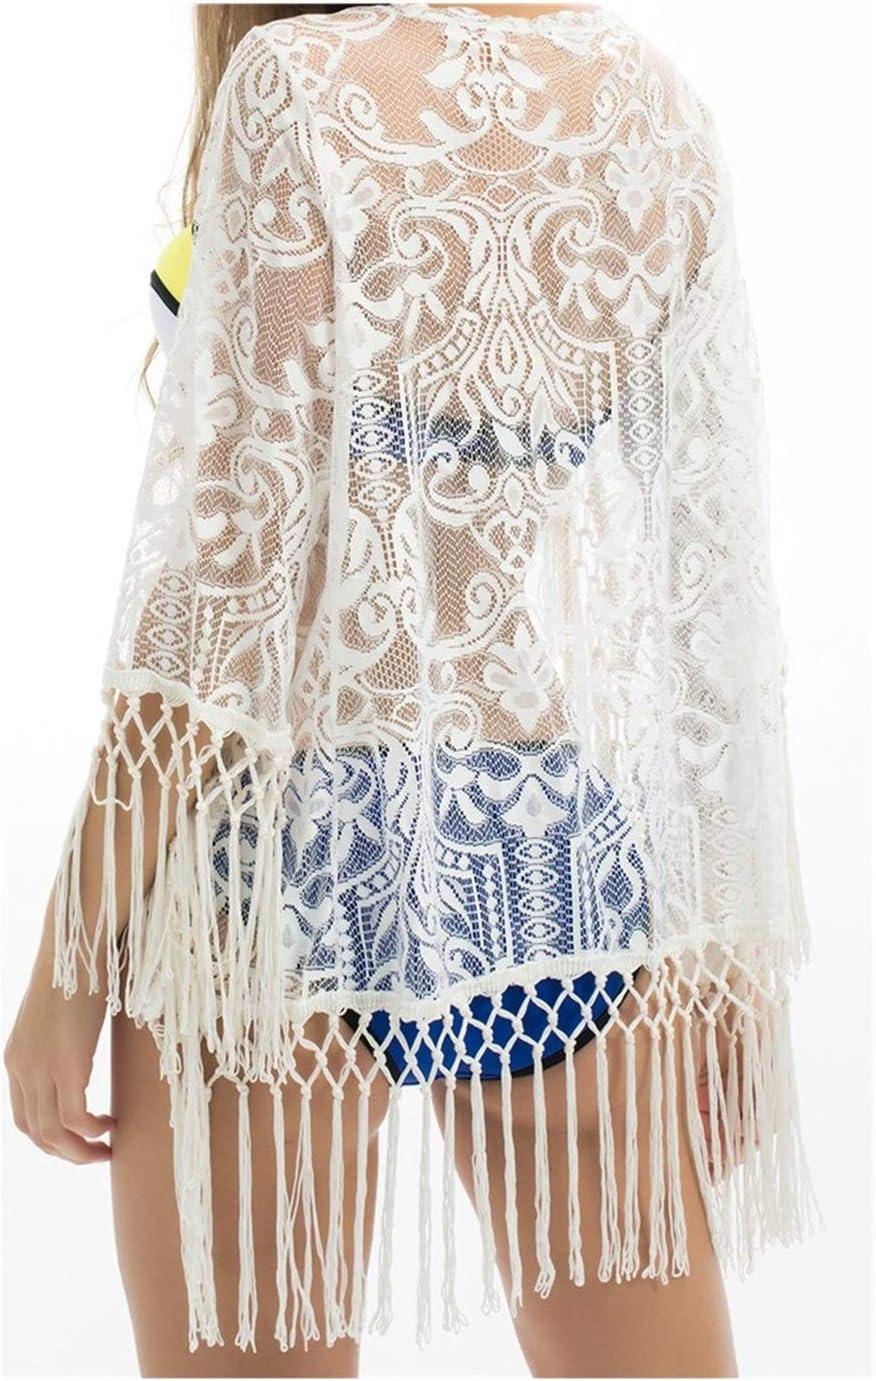 Trajes de baño Ganchillo de la borla de las mujeres blancas del cordón atractivo de baño bikini cubierta encima de la mujer de la playa vestido traje de baño traje de baño de la playa de encubrir De p